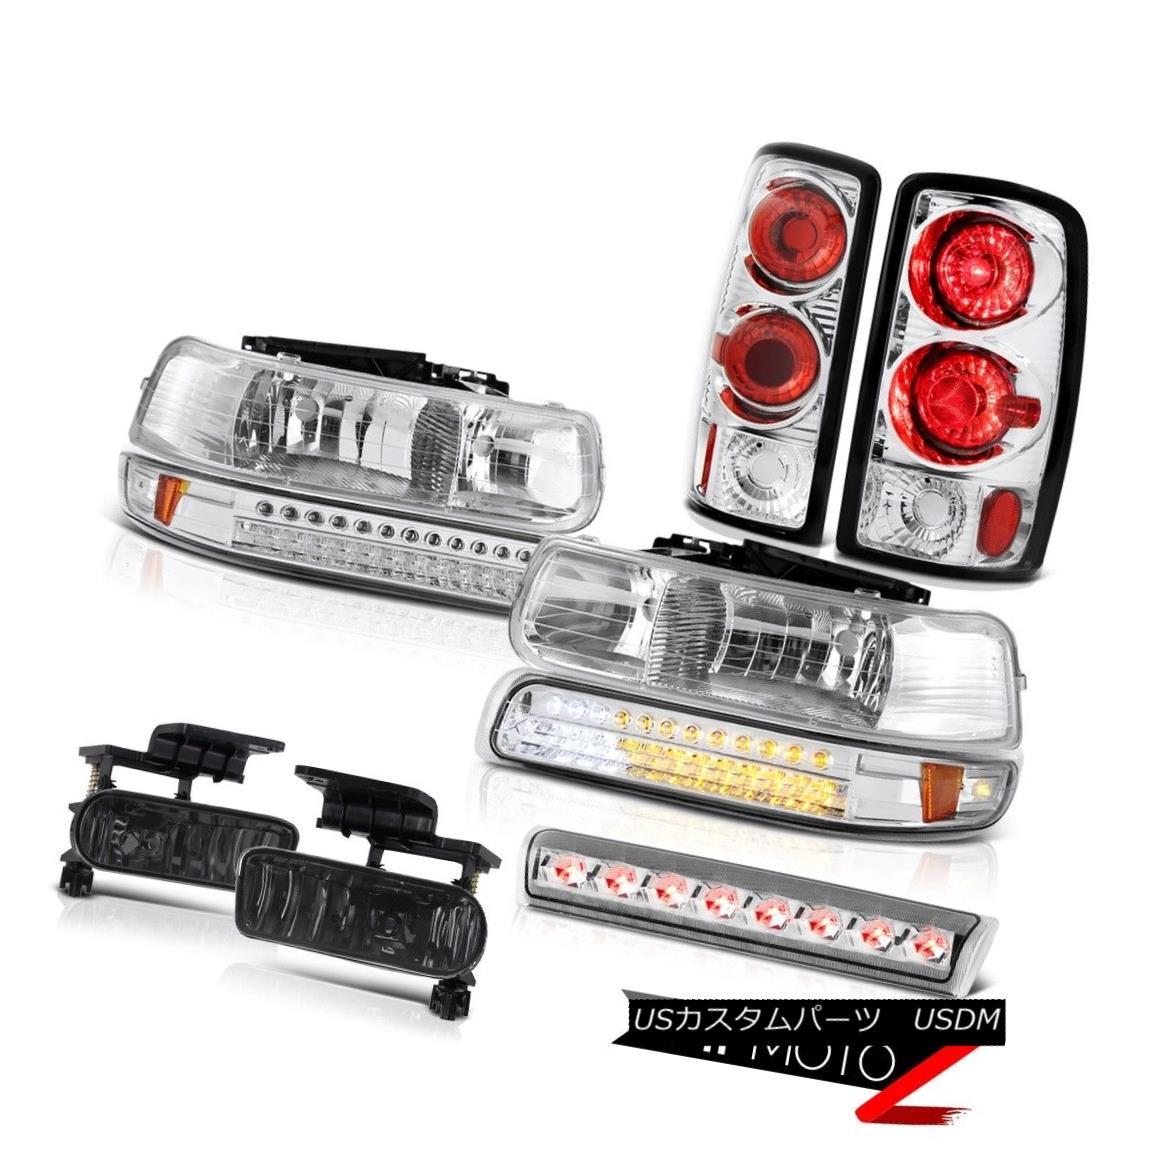 テールライト 2000-2006 Chevy Suburban Z71 Headlamps parking brake lights fog roof Light LED 2000-2006シボレー郊外Z71ヘッドランプパーキングブレーキライトフォグルーフライトLED